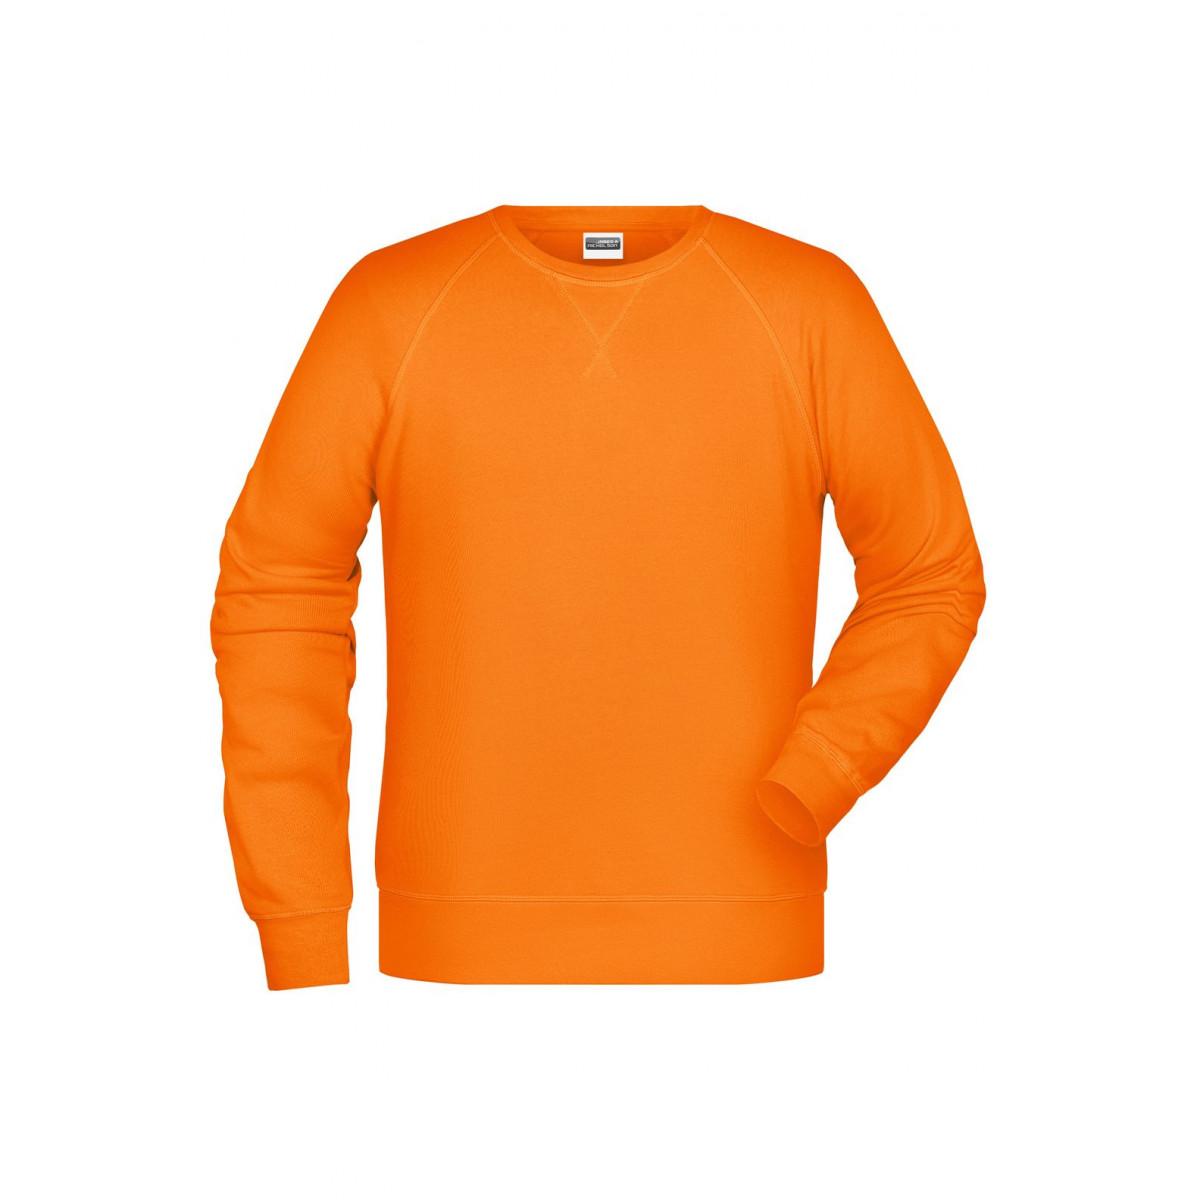 Толстовка мужская 8022 Men´s Sweat - Оранжевый